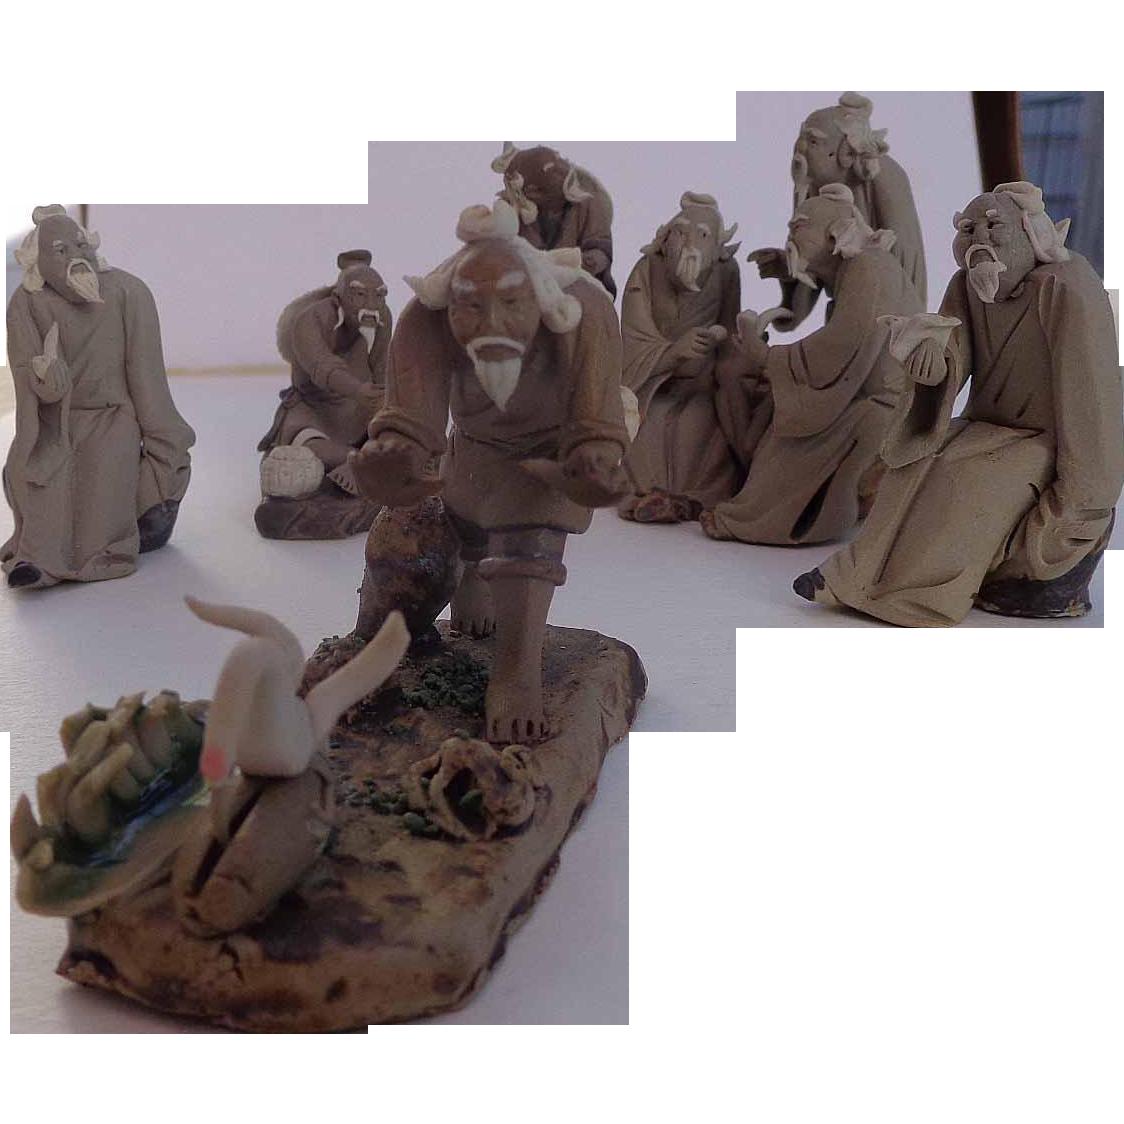 Chinese Mud Men from 1960's World Traveler